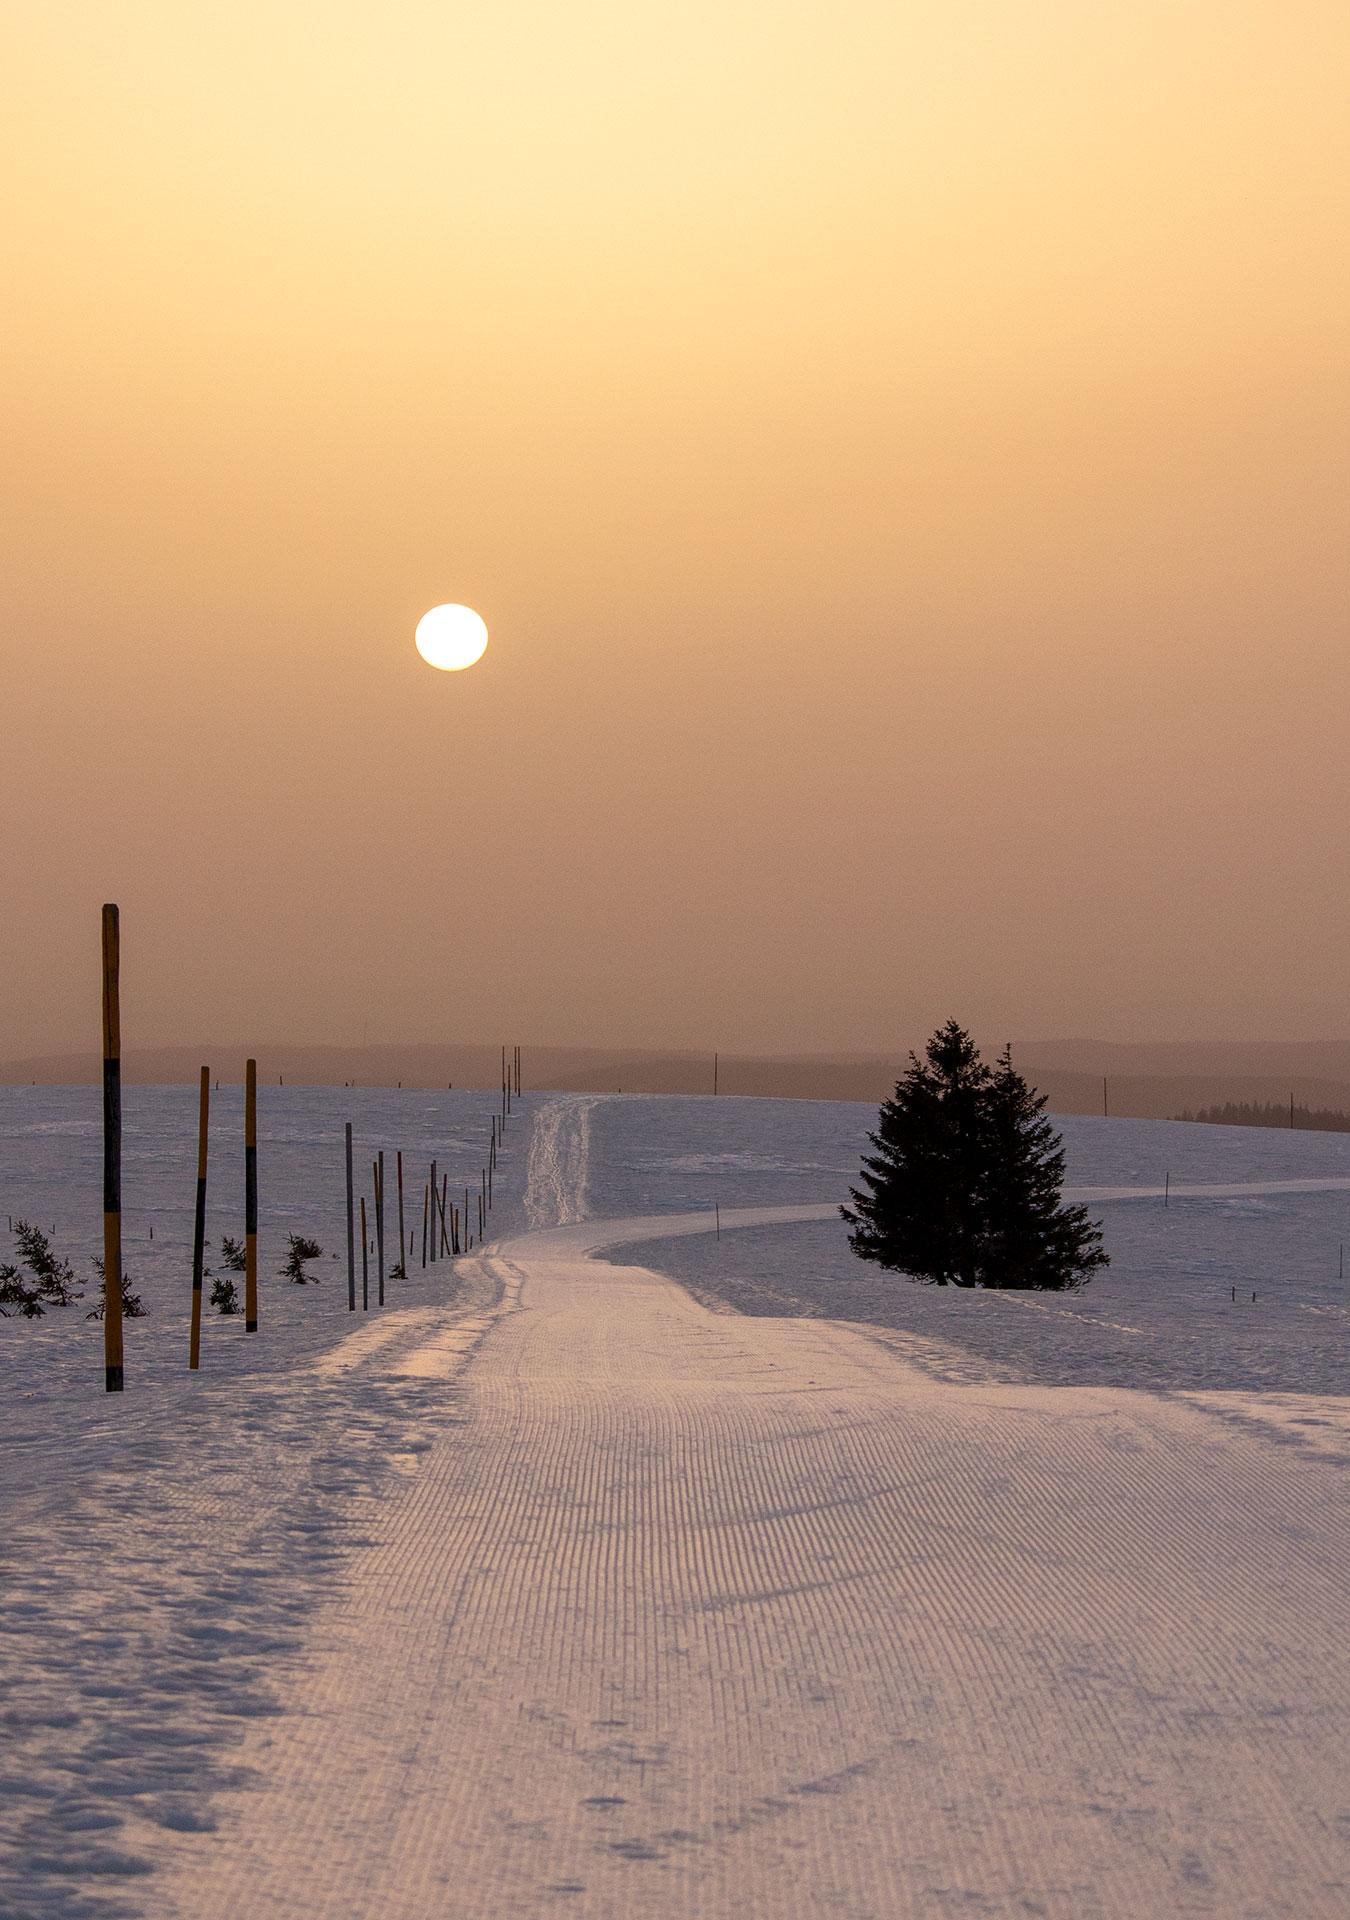 Sonnenaufgang am 24. Februar 2021 um 7:17 Uhr, Temperatur 5 Grad